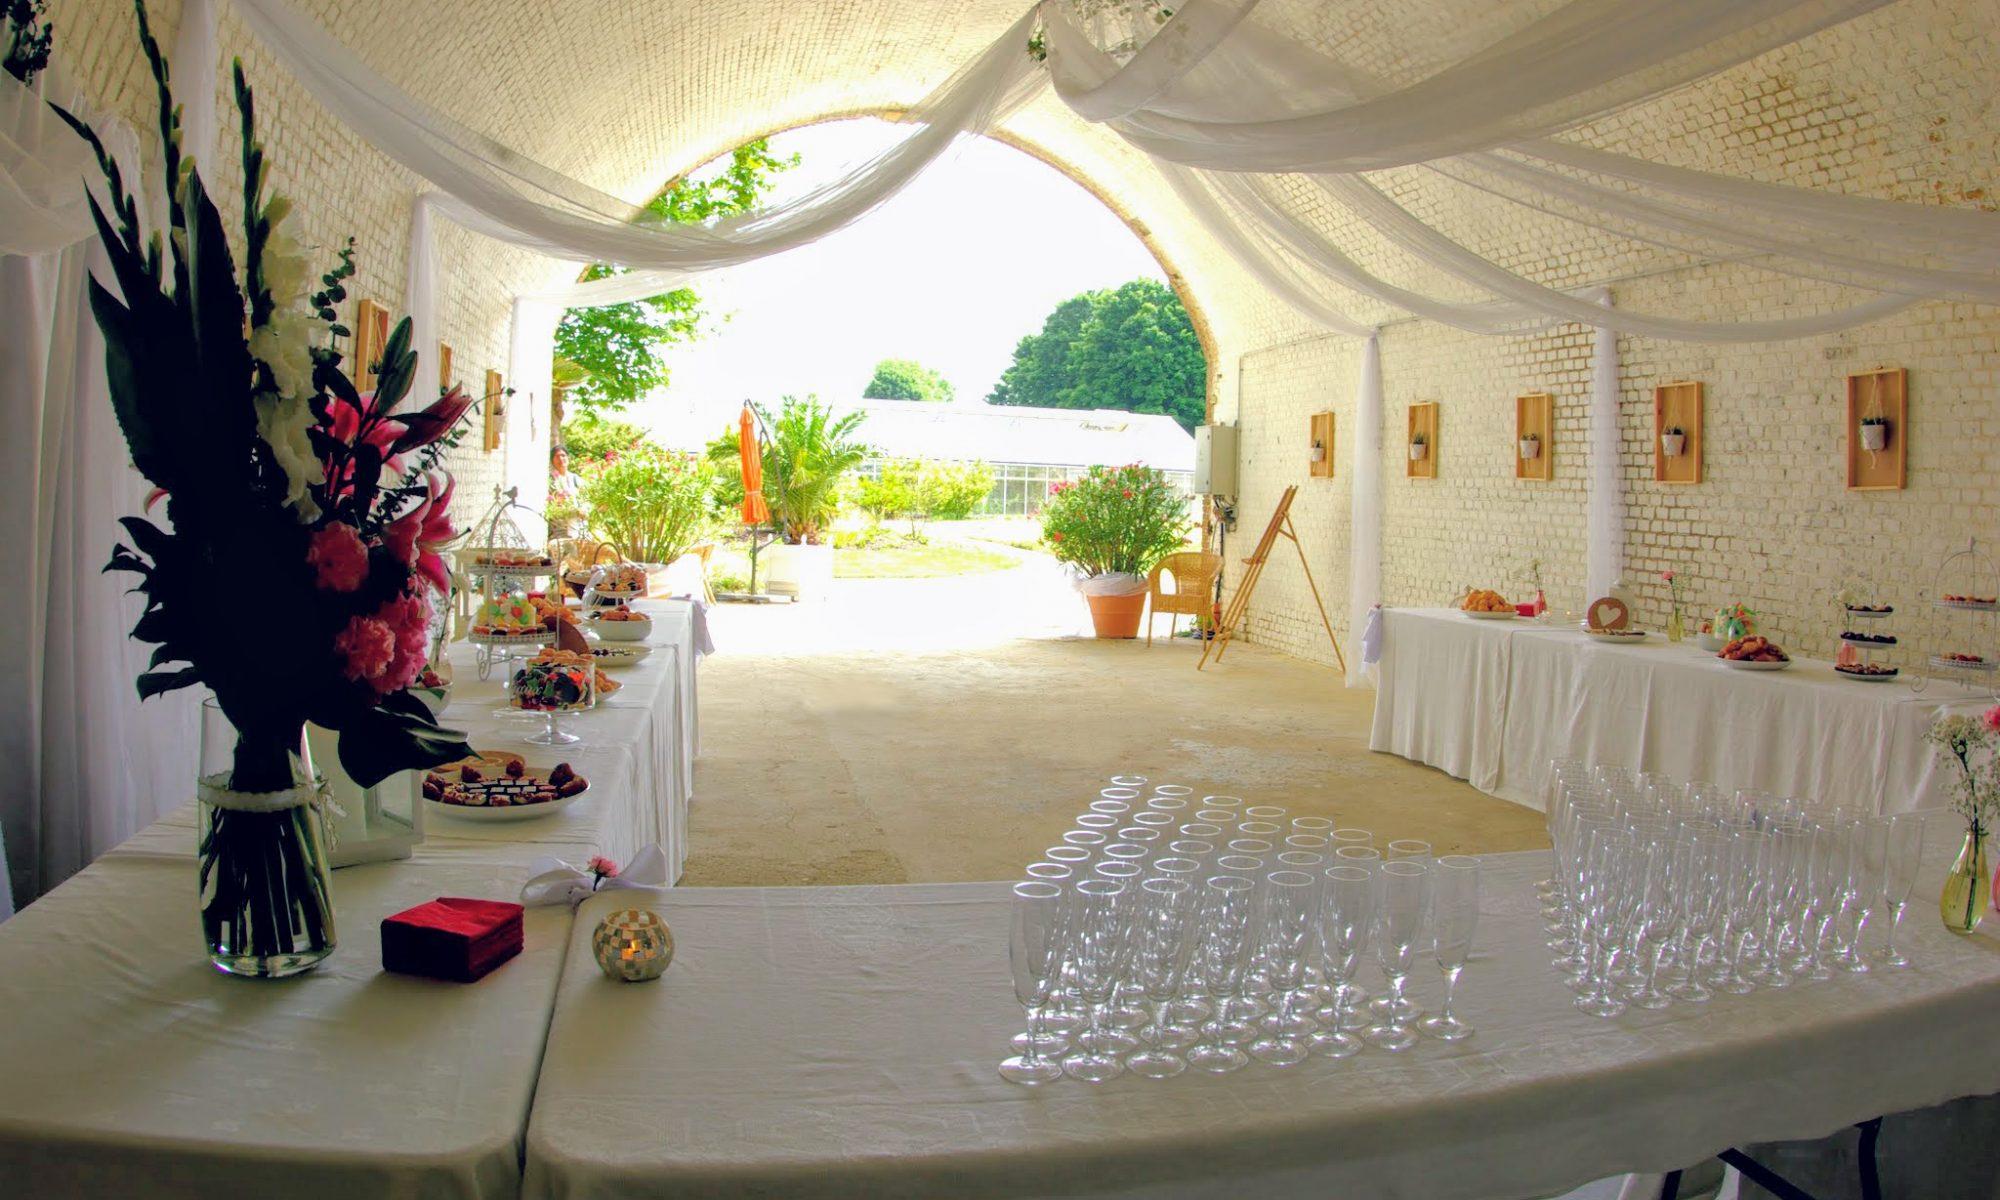 L'Orangeraie - vin d'honneur, réception, repas groupe - le havre